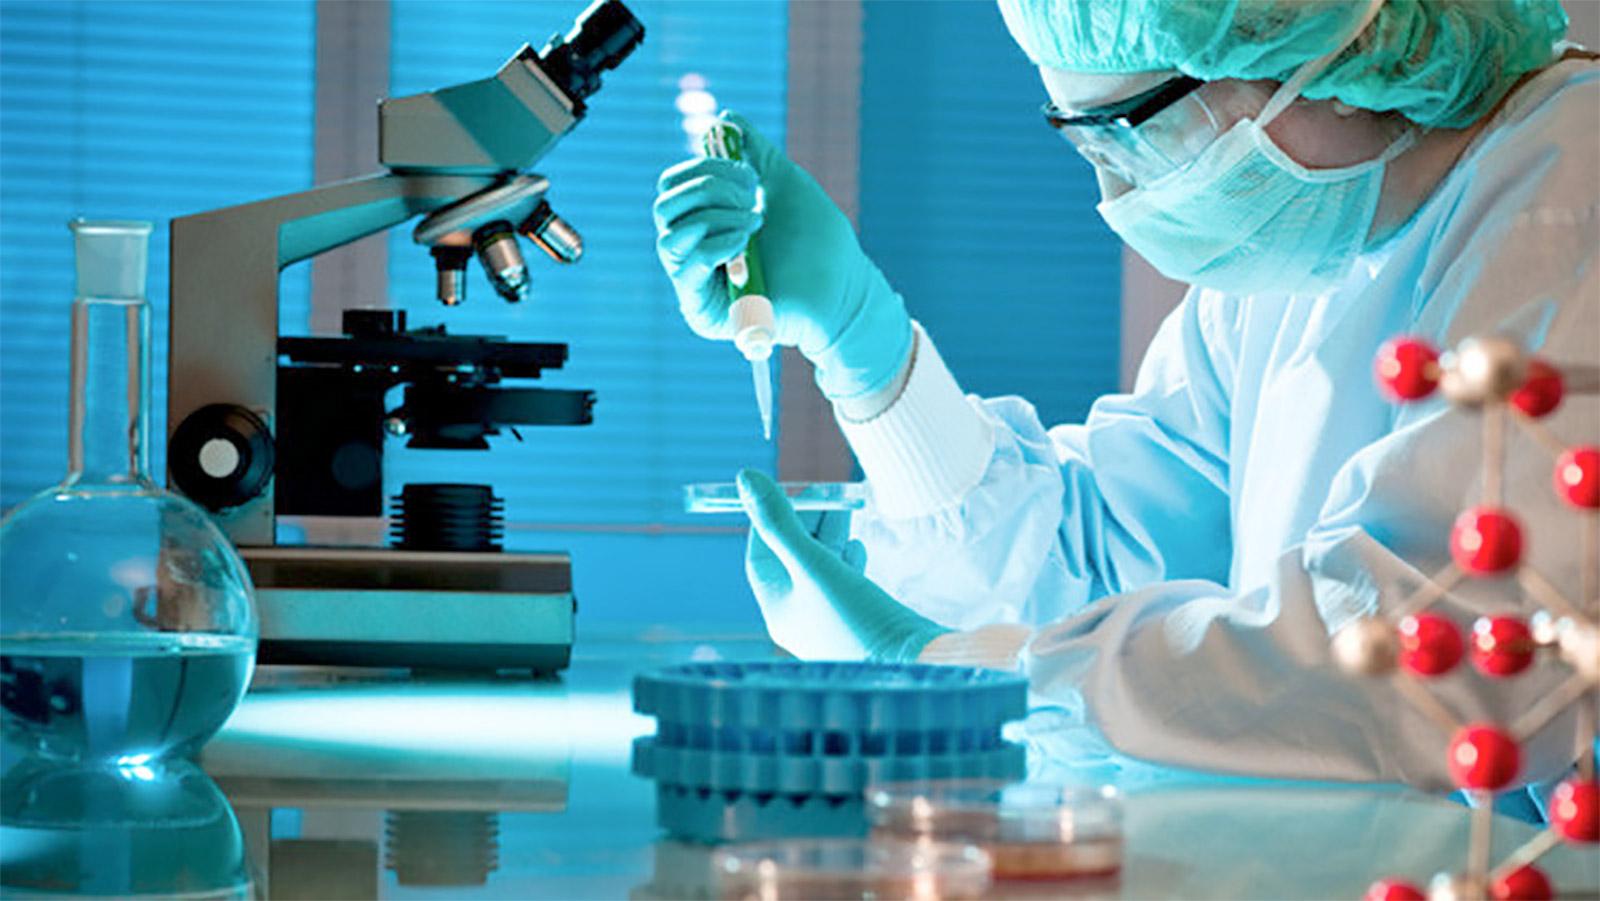 اكتشف الأطباء في جمهورية ياقوتيا الروسية مرضا وراثيا جديدا في غاية الخطورة